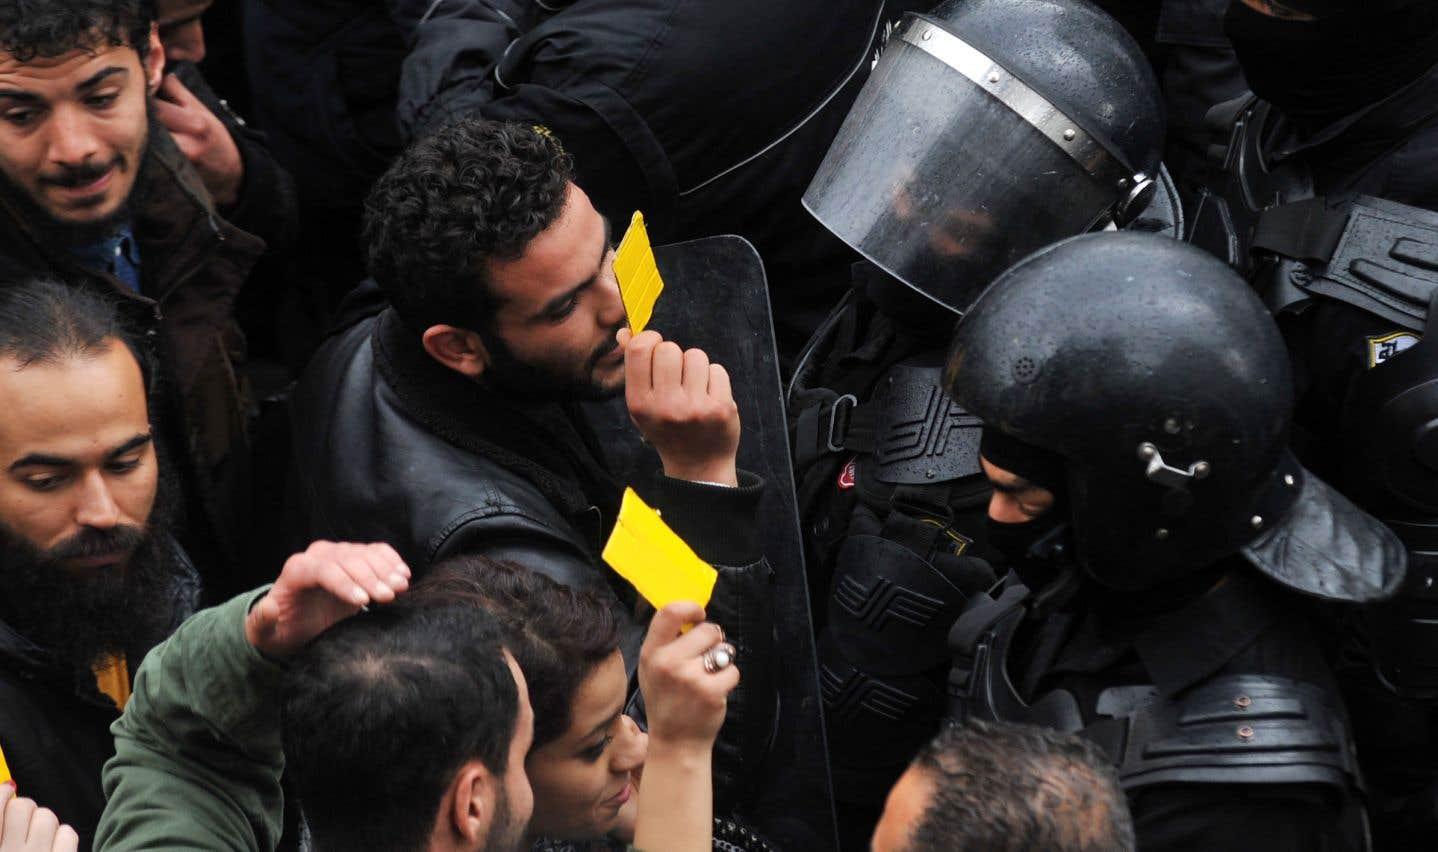 Des manifestants tunisiens confrontent des policiers qui leur bloquent l'accès aux bureaux du gouvernement, à Tunis, le 12 janvier.